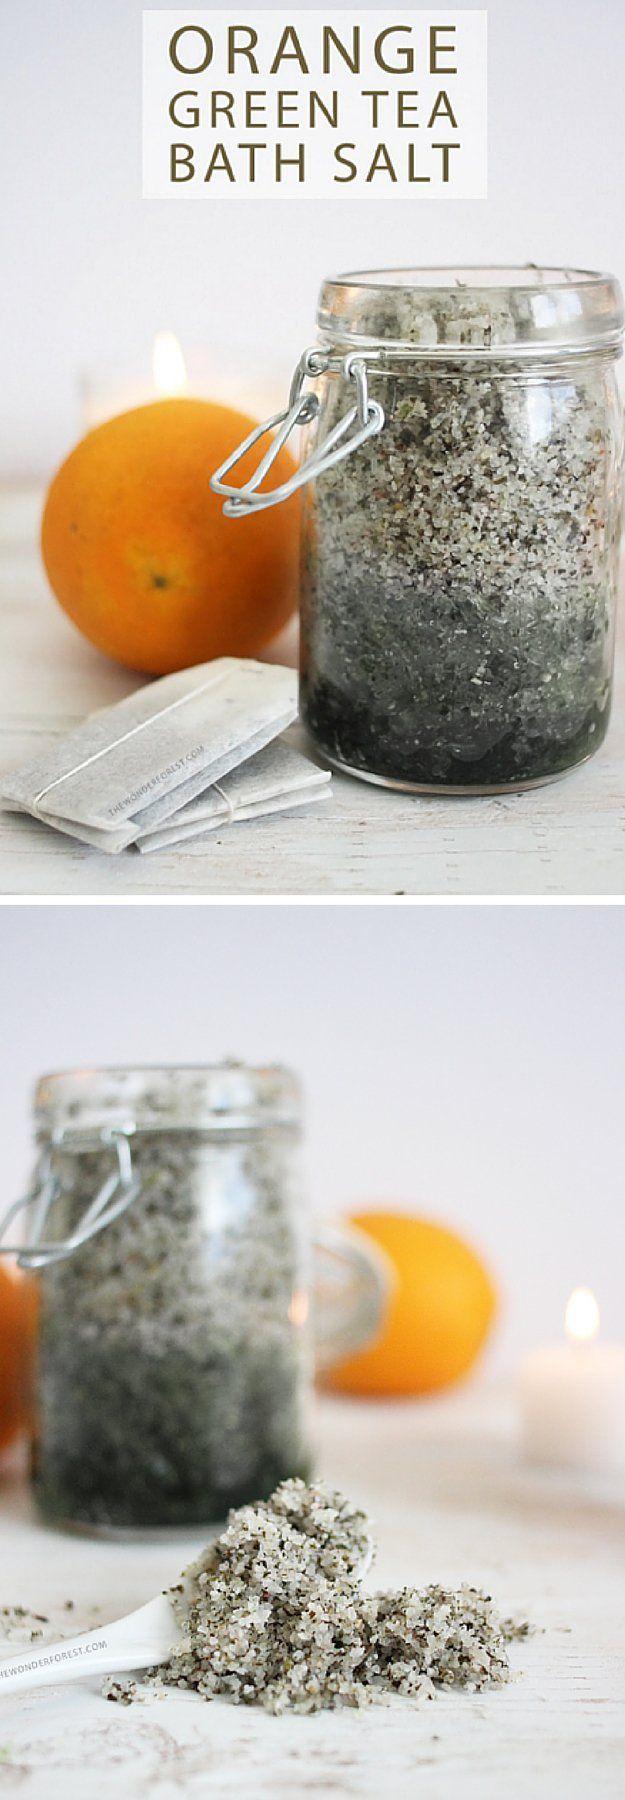 Orange Green Tea Bath Salts | 17 DIY Bath Salts | Learn How To Make The Most Relaxing Bath Salt Recipes by DIY Ready at  http://diyready.com/17-diy-bath-salts-bath-salt-recipe/